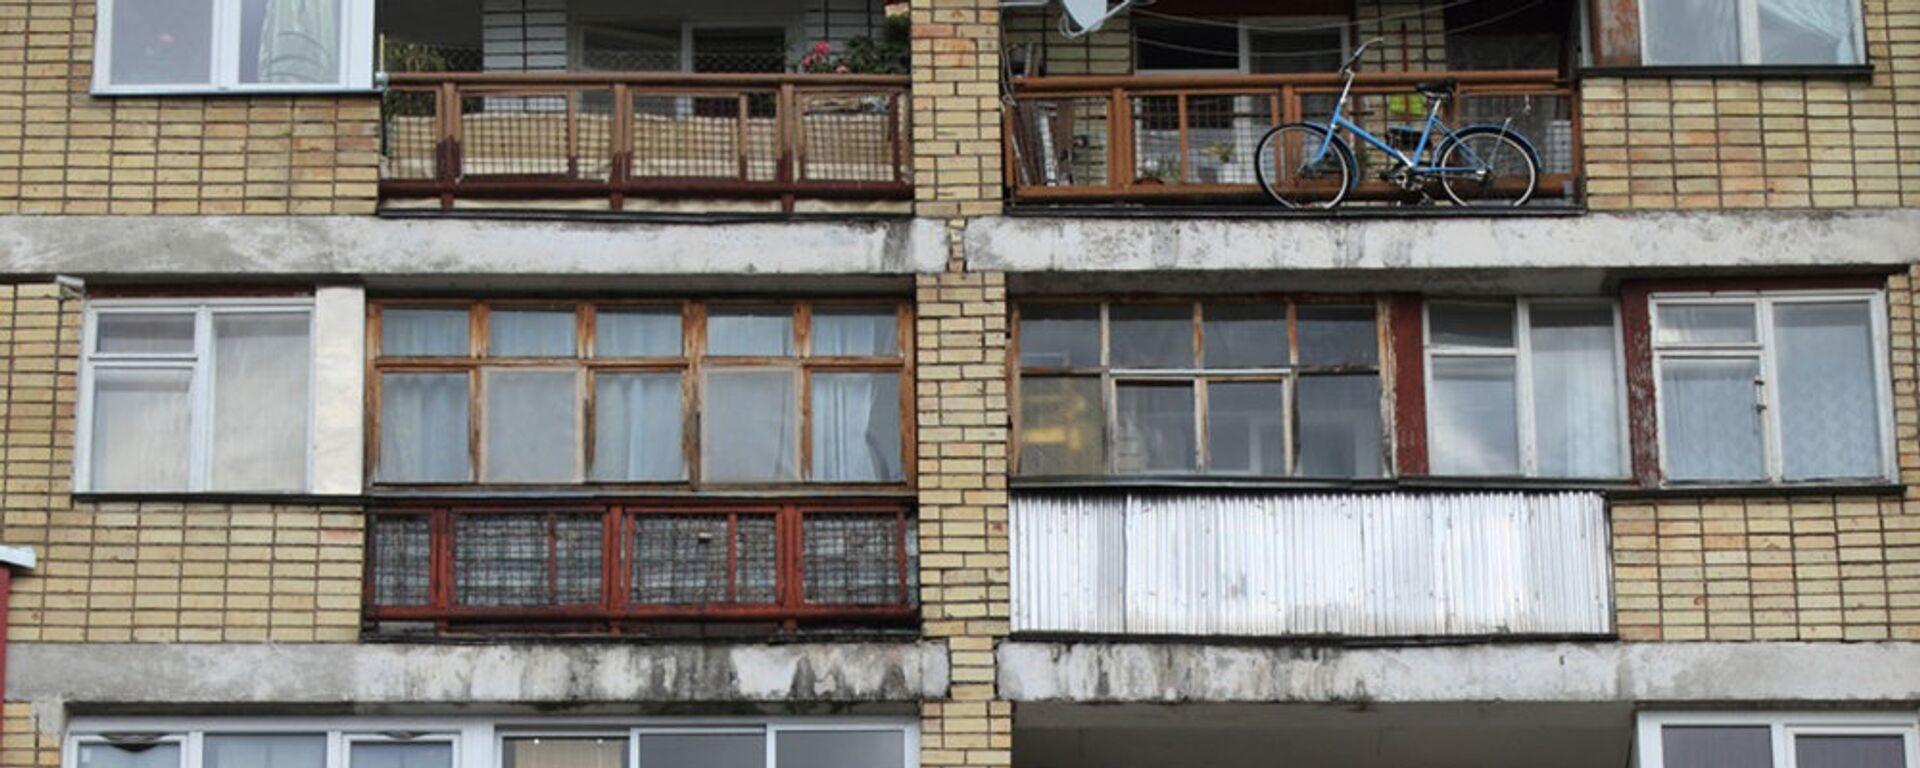 Жилой дом в Риге - Sputnik Latvija, 1920, 07.02.2021